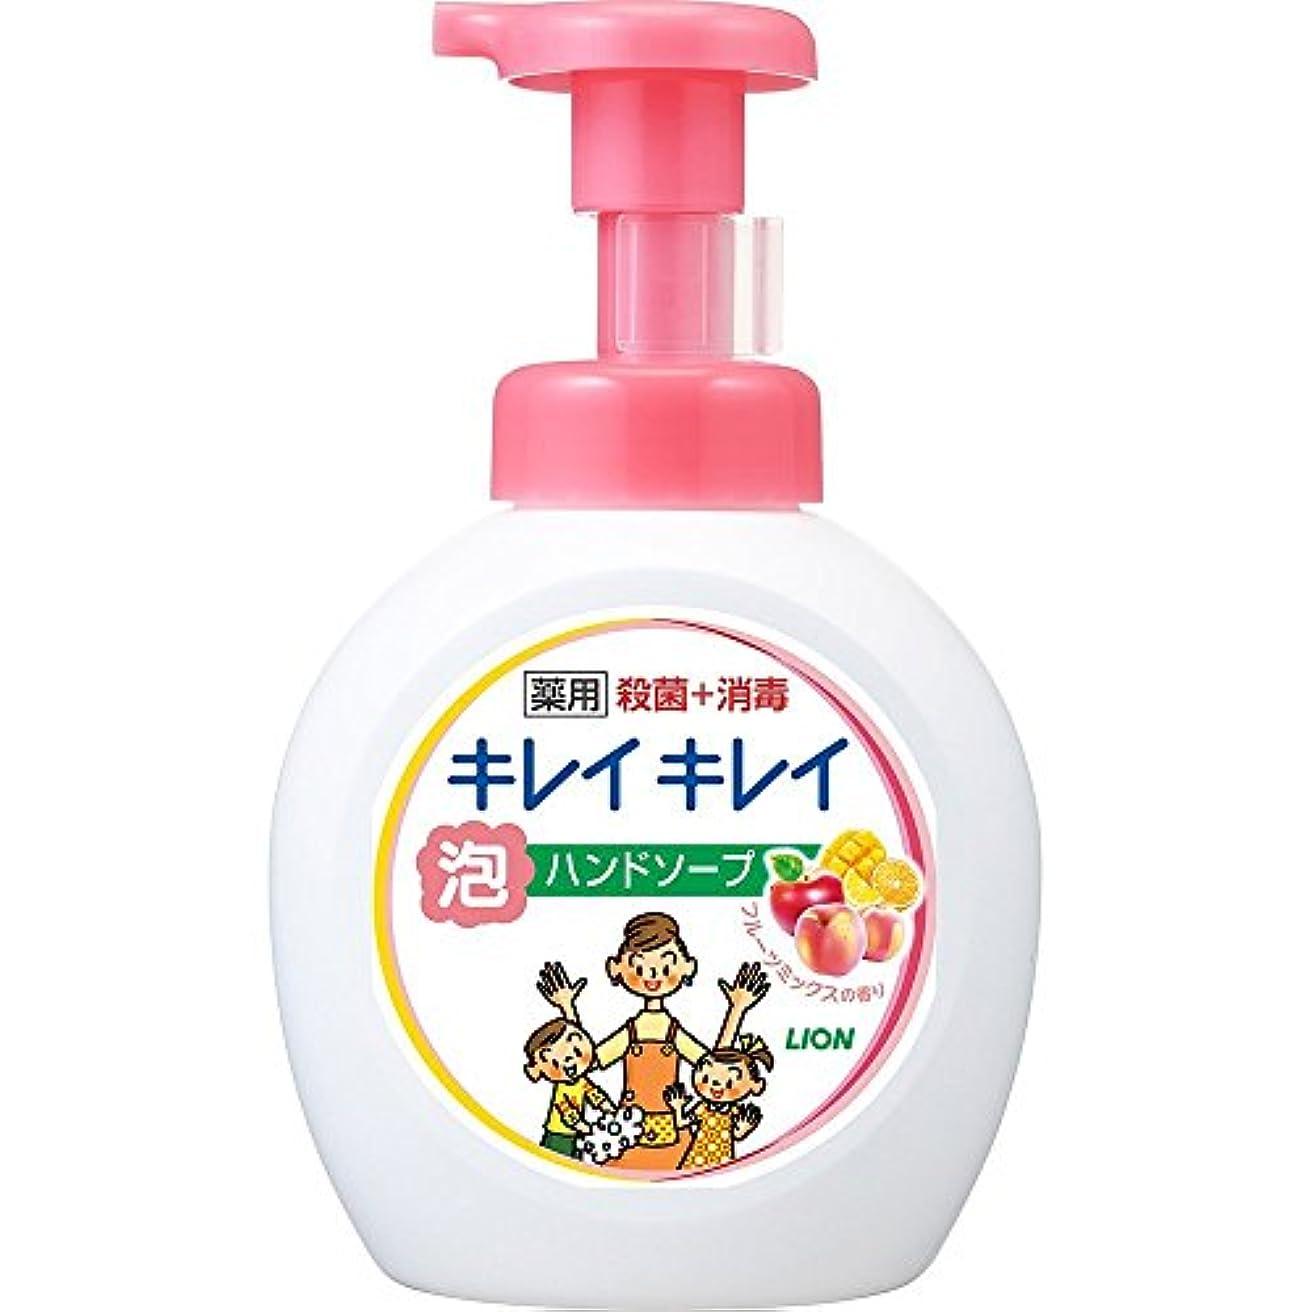 誠実モバイルアシスタントキレイキレイ 薬用 泡ハンドソープ フルーツミックスの香り 本体ポンプ 大型サイズ 500ml(医薬部外品)